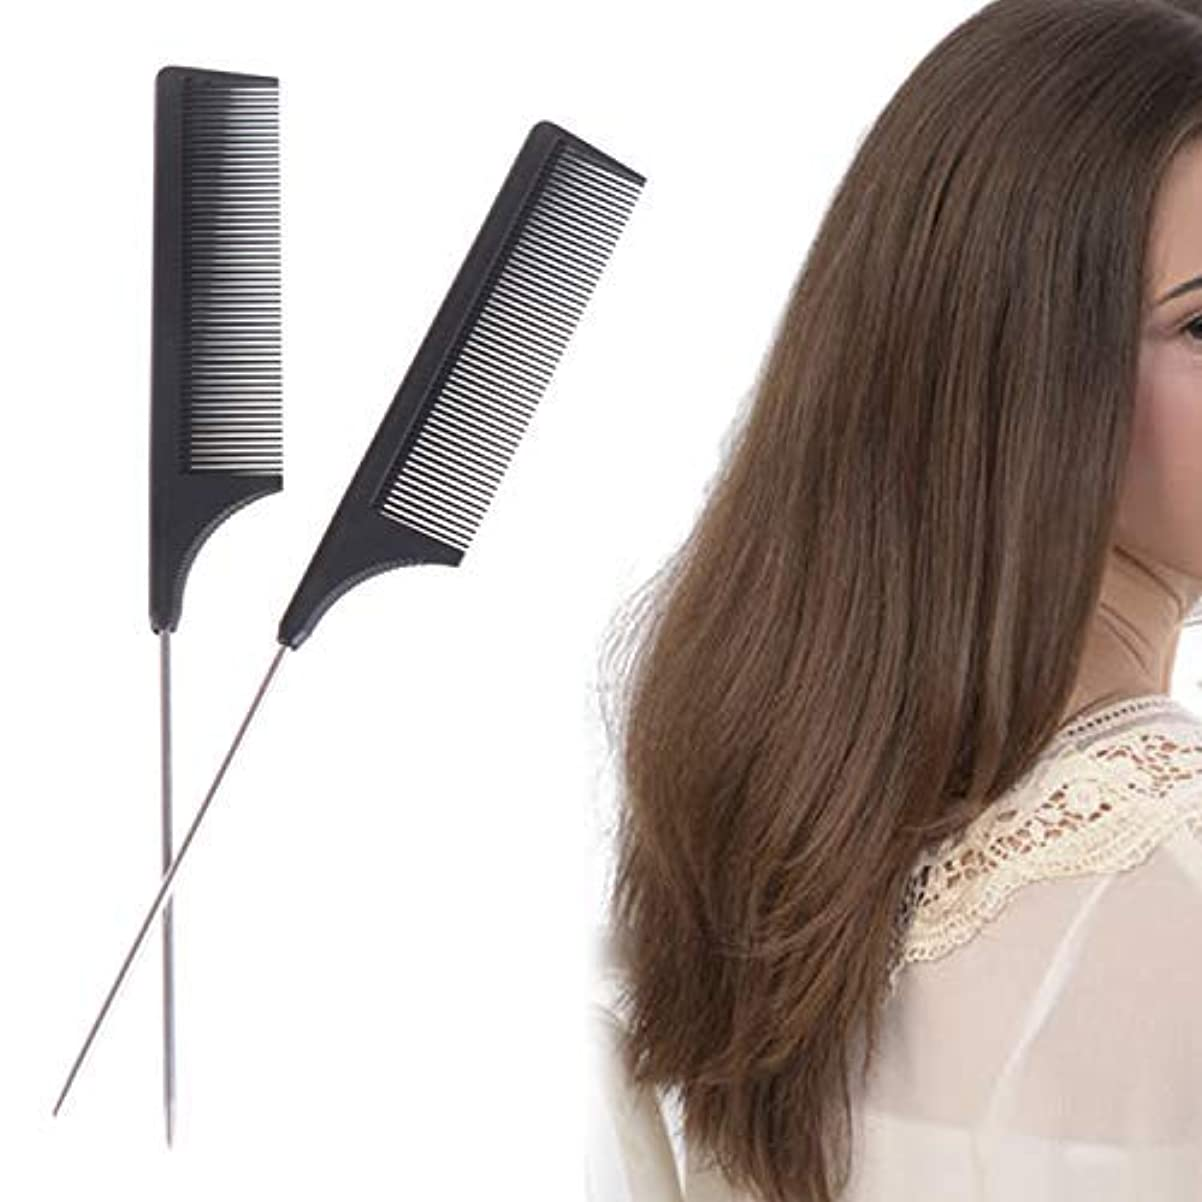 まあタイプブラスト2 Pieces Comb Black Tail Styling Comb Chemical Heat Resistant Teasing Comb Carbon Fiber Hair Styling Combs for...